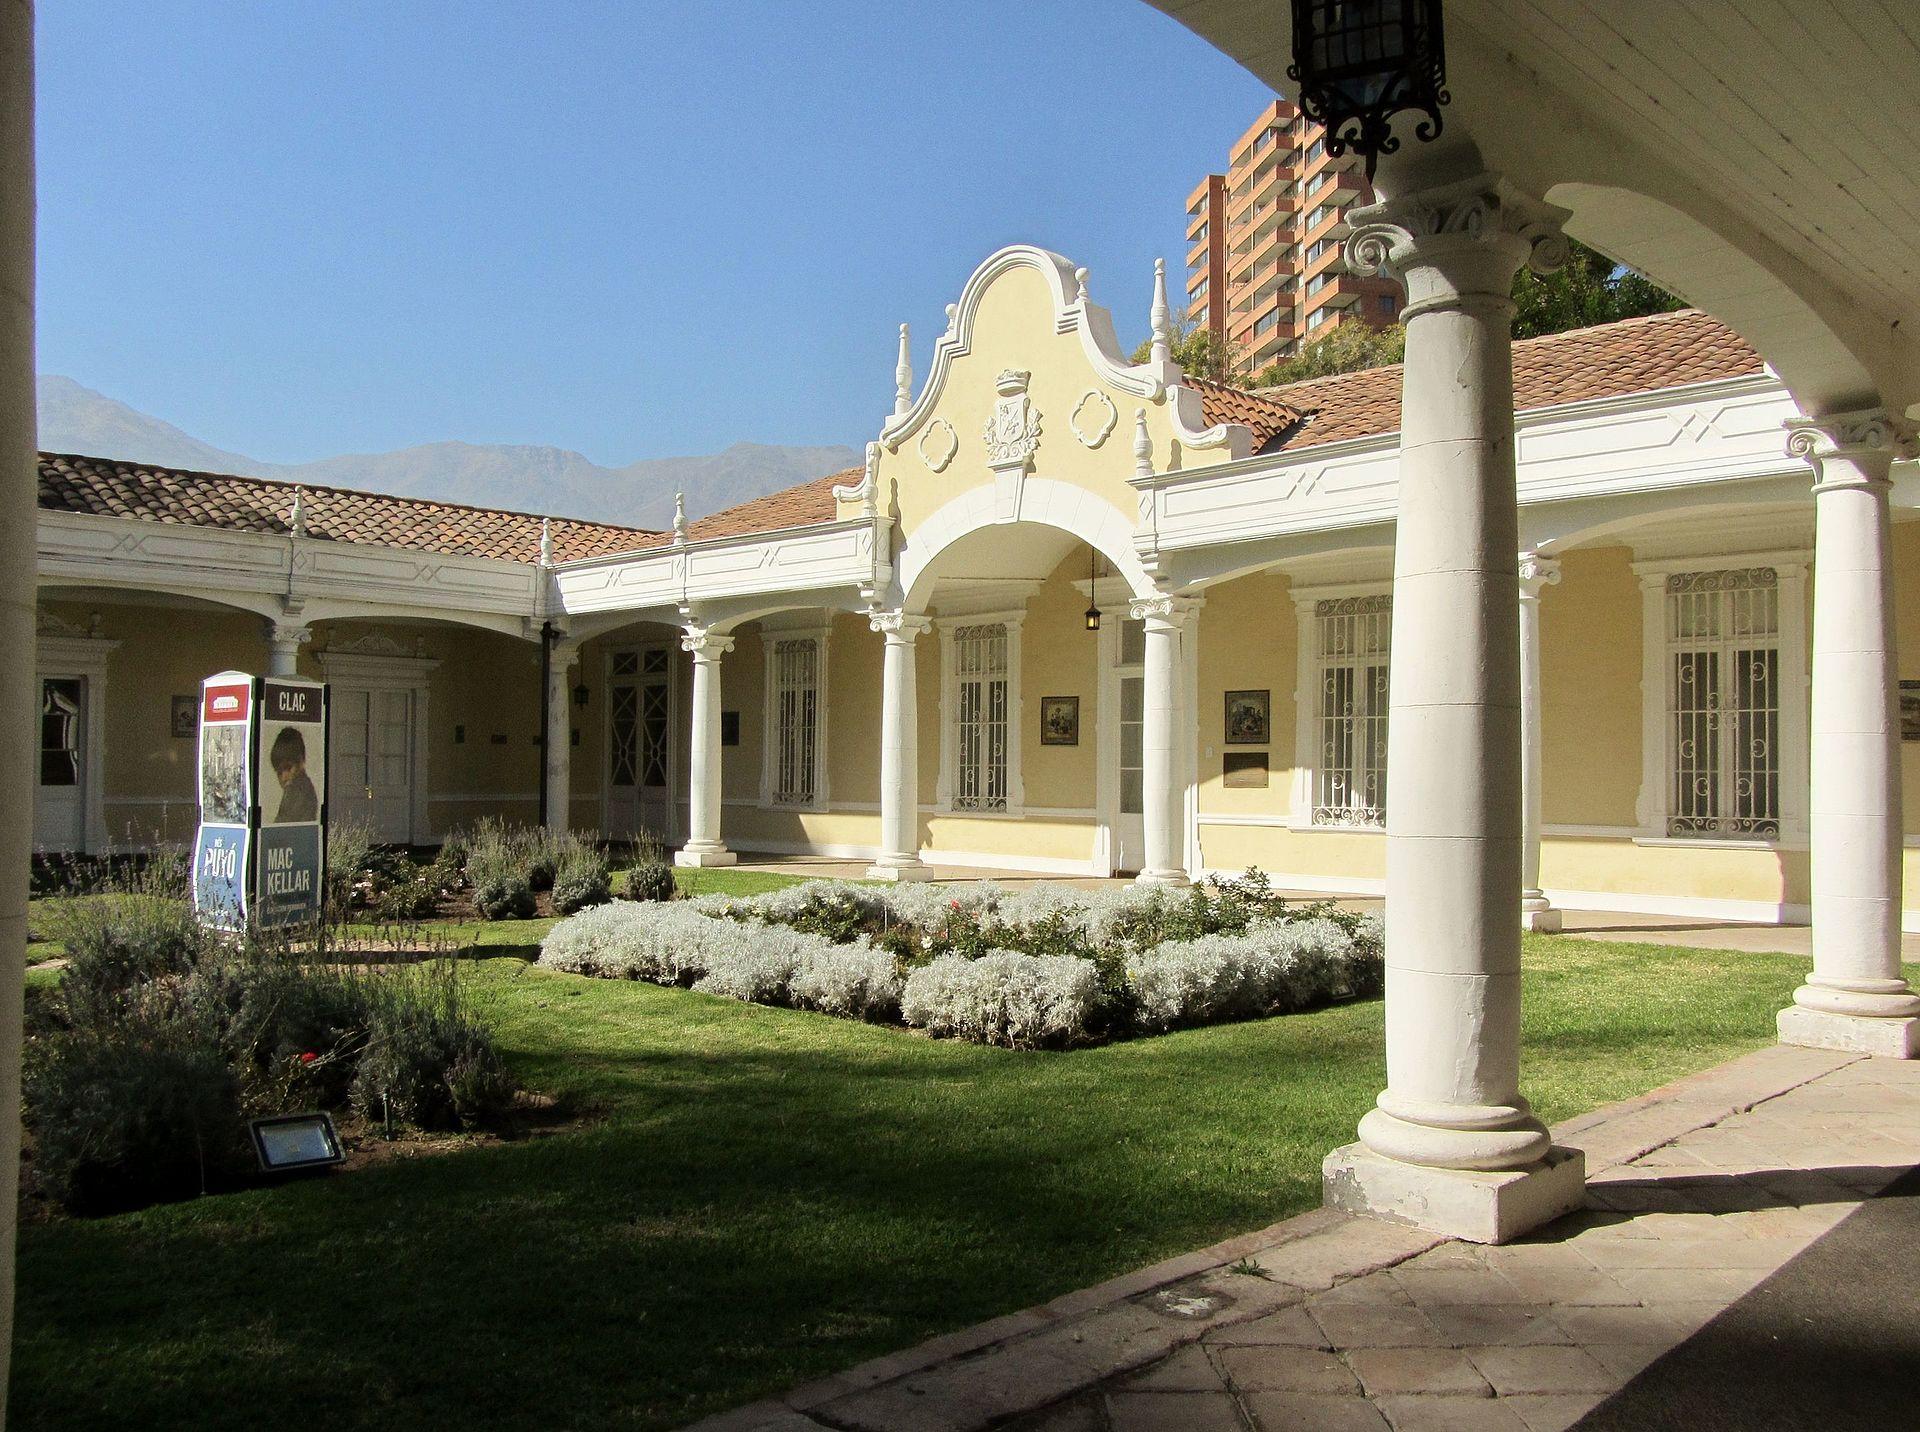 Colecci n mac kellar wikipedia la enciclopedia libre for La casa rosa milano